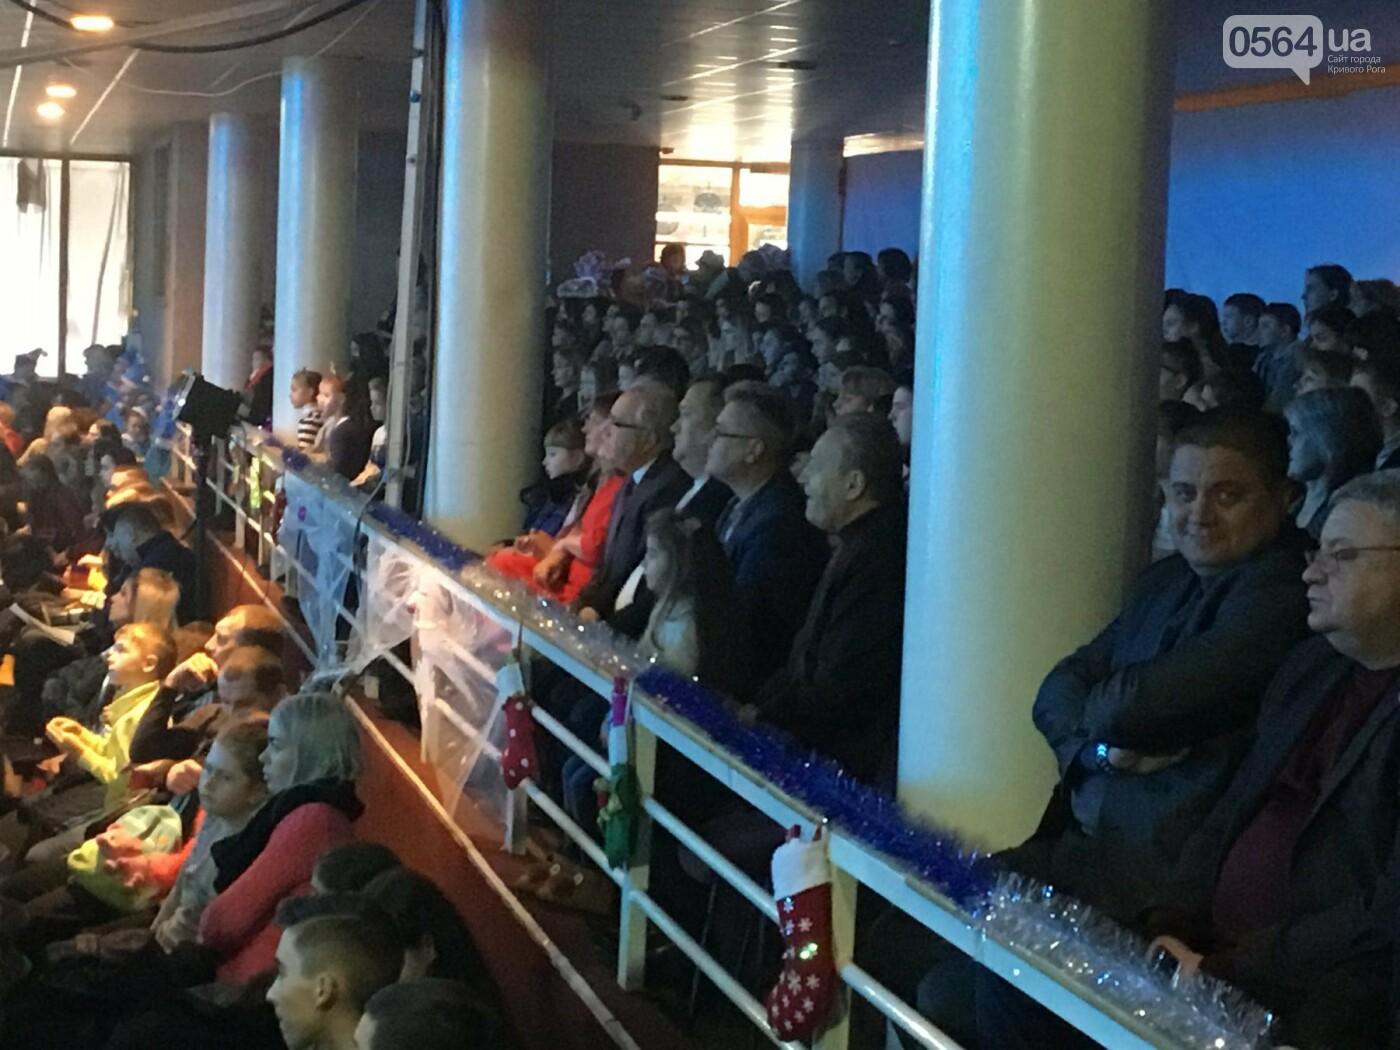 """В Кривом Роге на """"Главной елке"""" поздравили более 1,5 тысячи юных криворожан, - ФОТО, ВИДЕО, фото-10"""